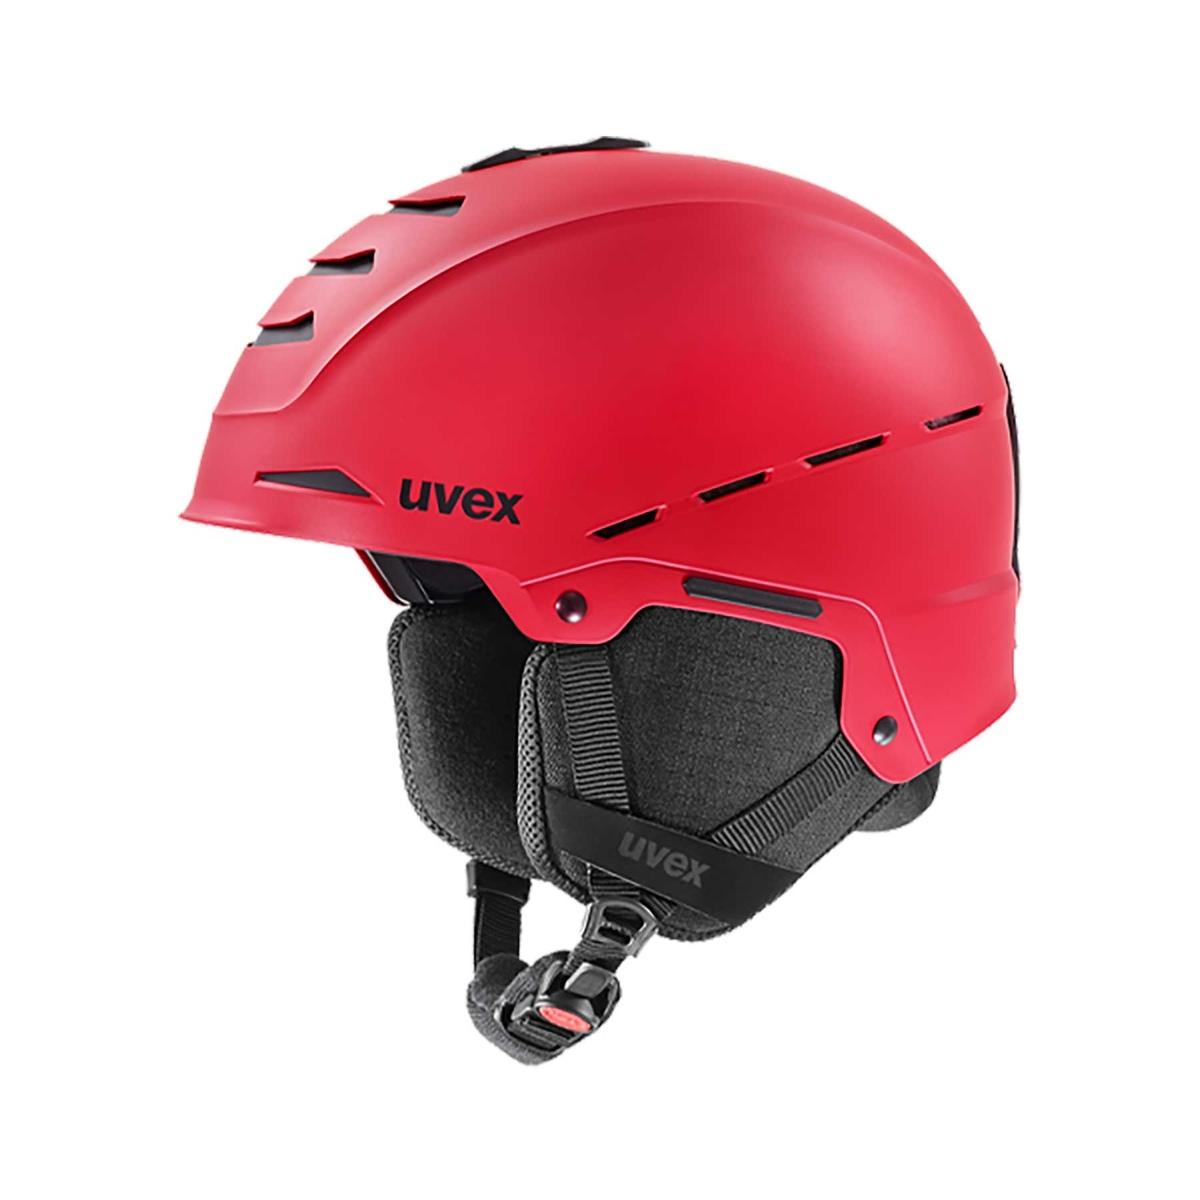 Prezzi Uvex casco legend